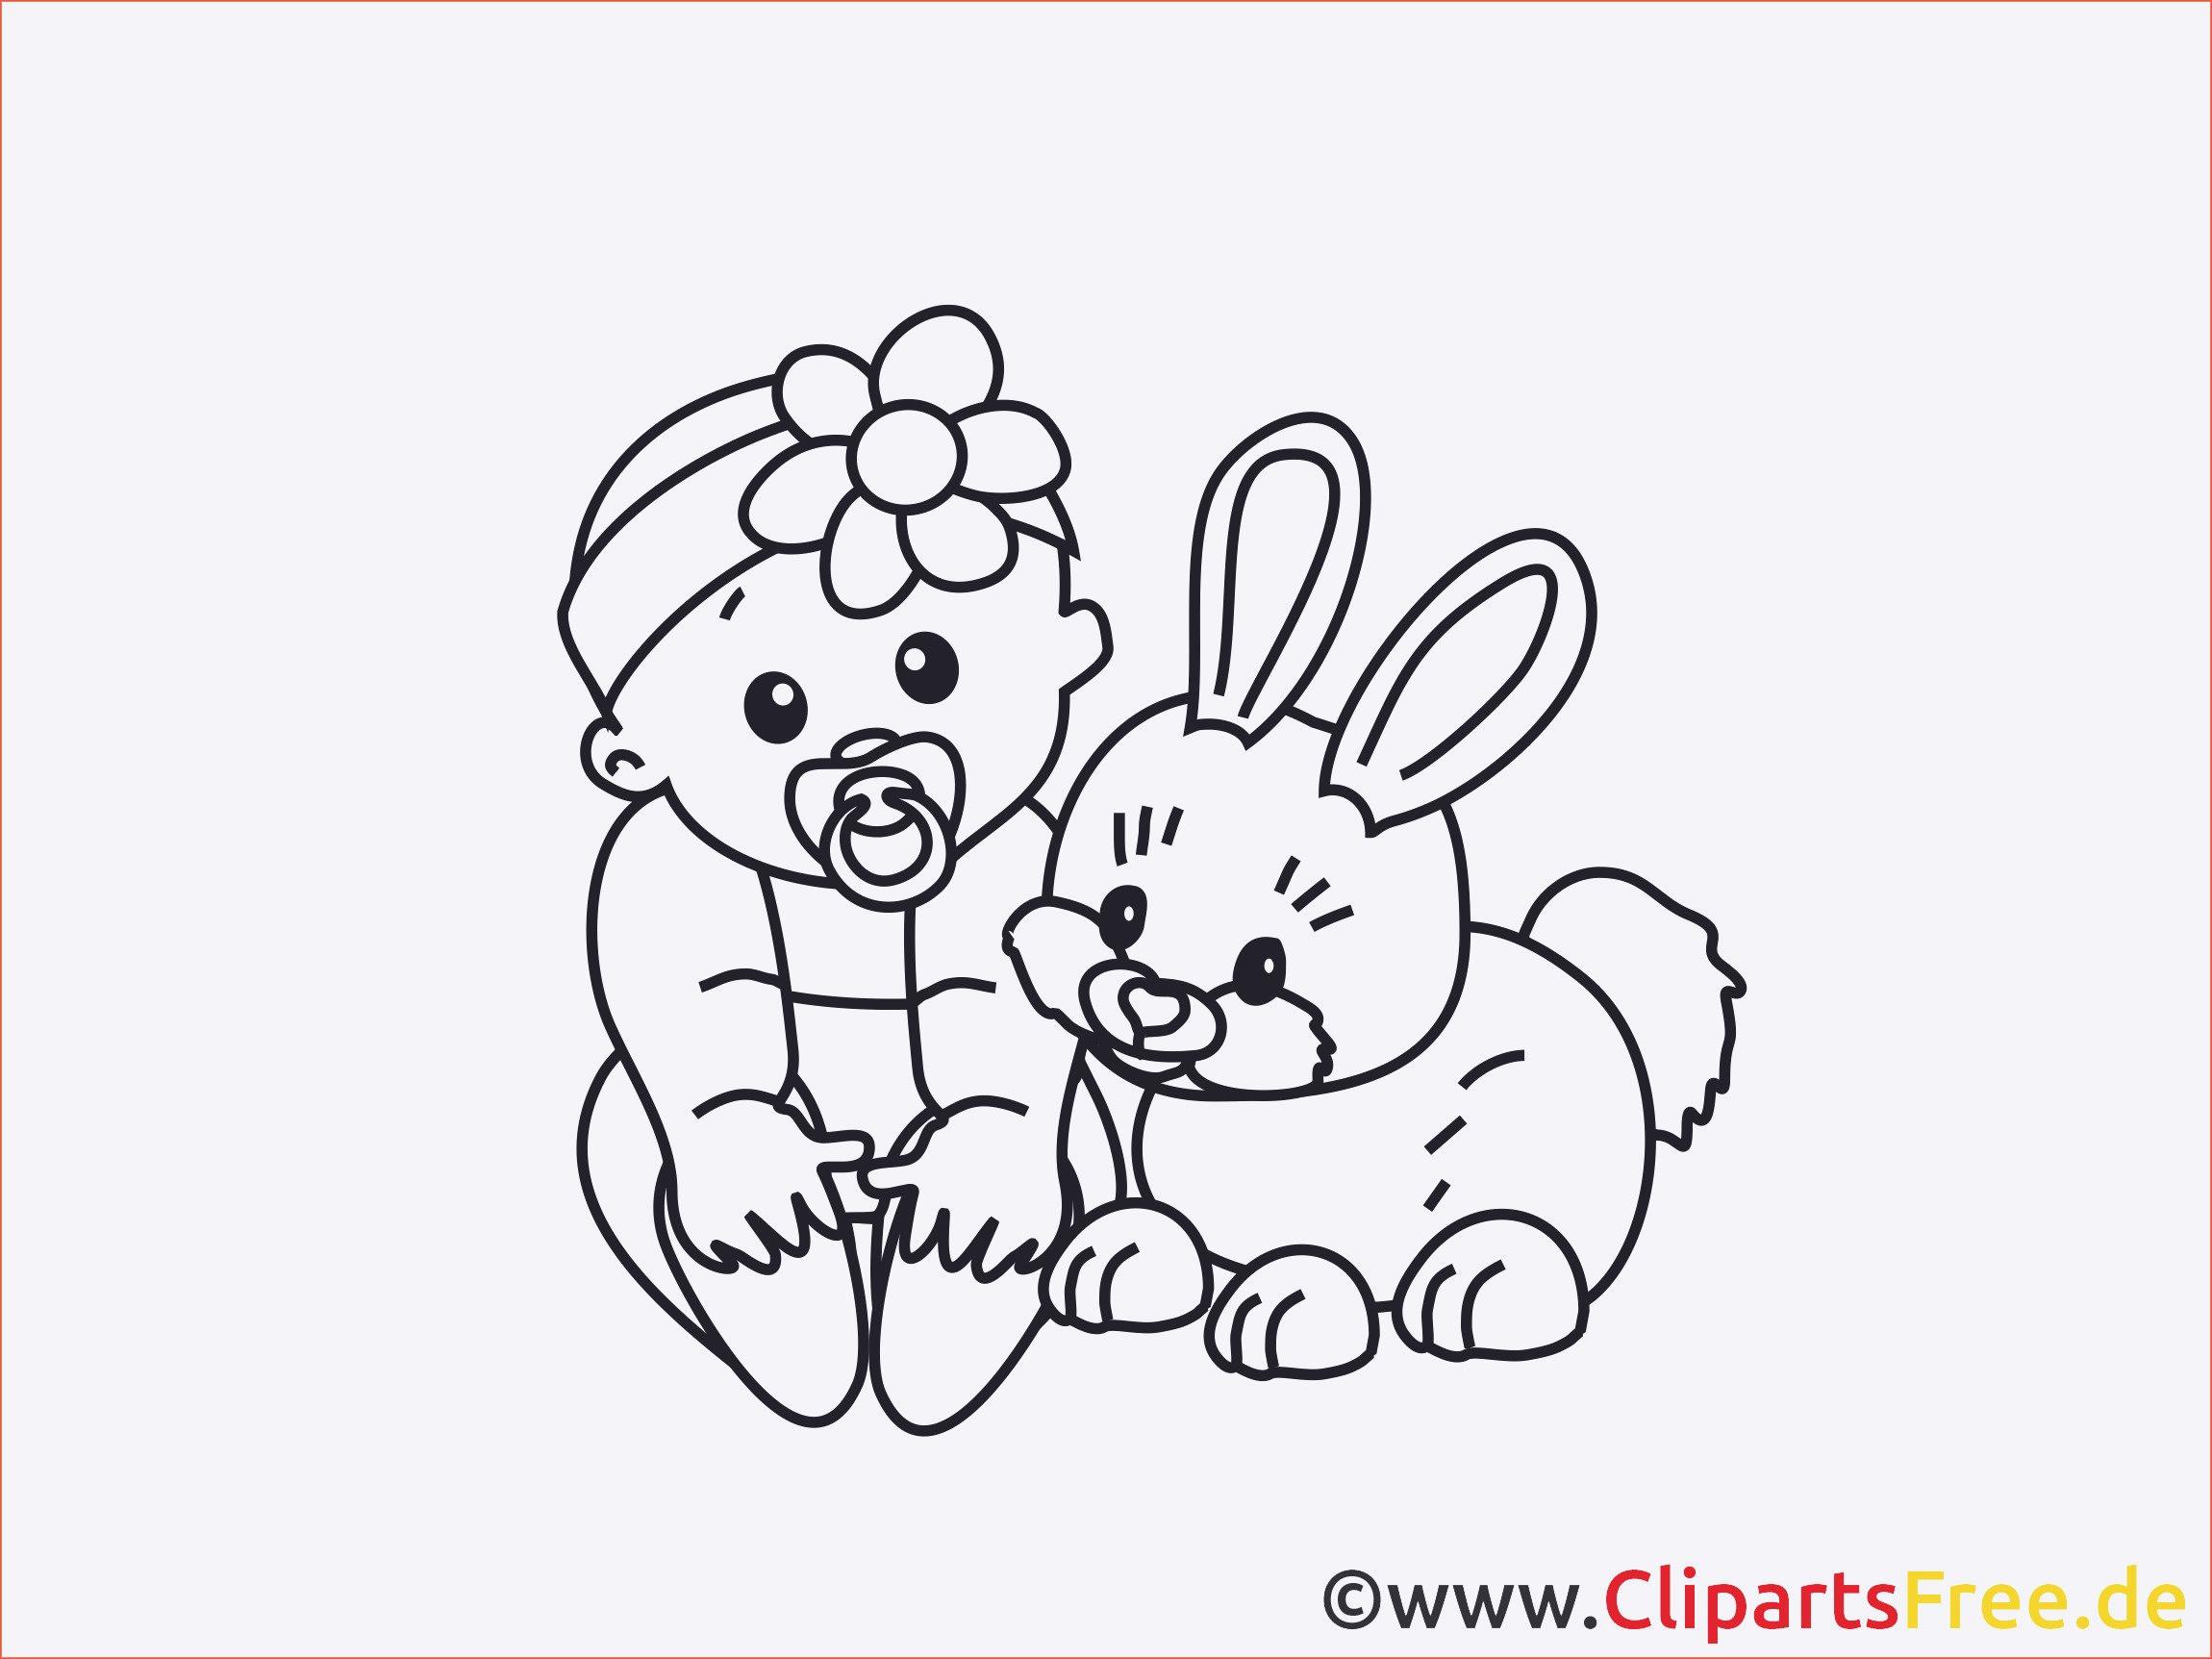 Hasen Bilder Zum Ausdrucken Kostenlos Einzigartig Ausmalbilder Kaninchen Sammlung